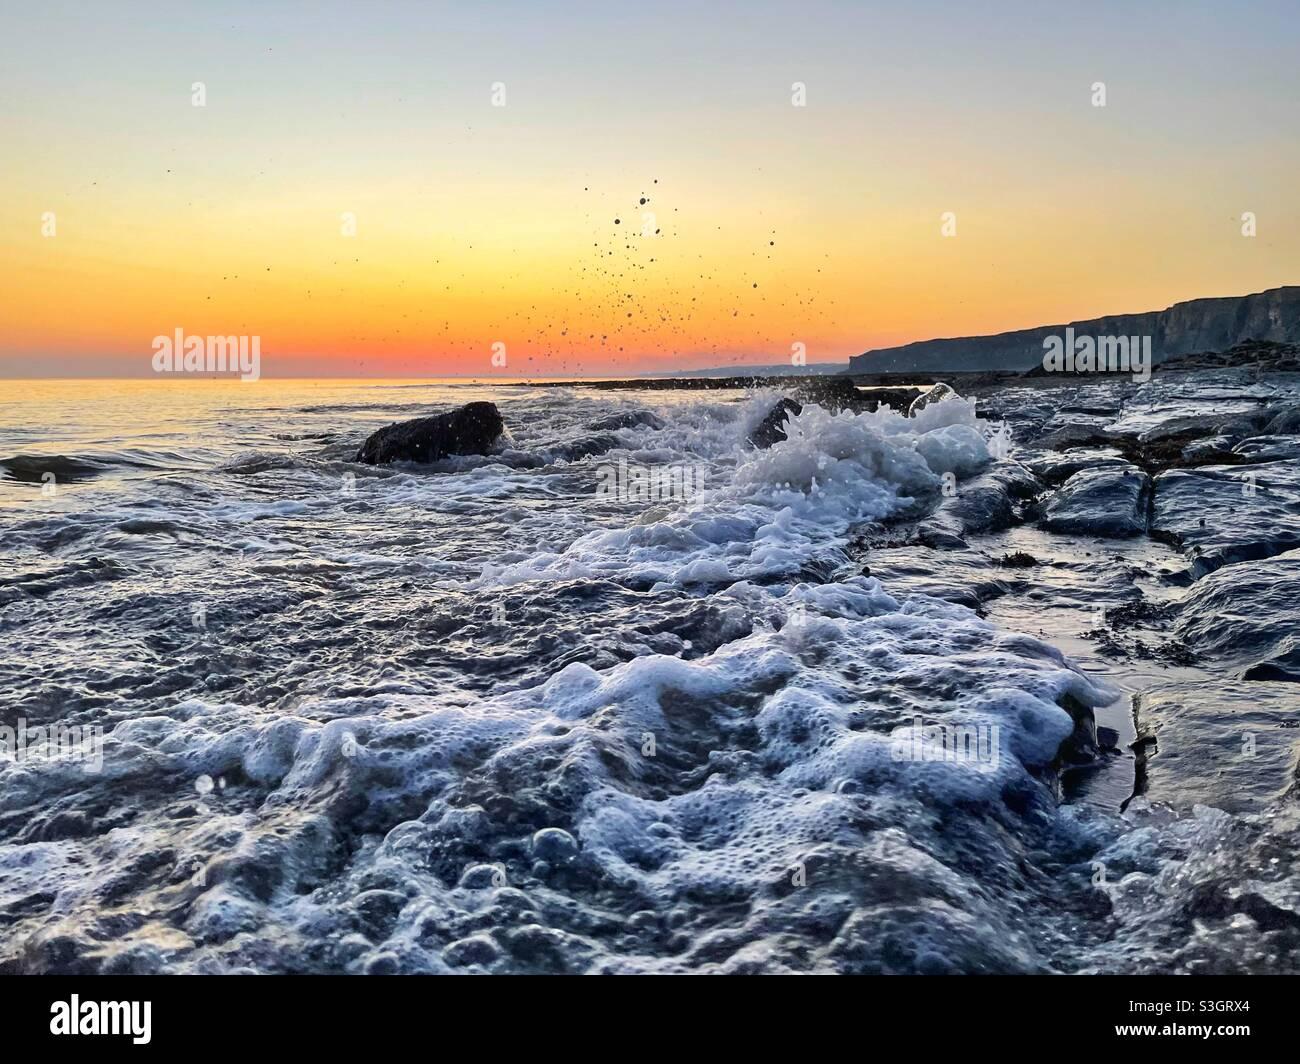 Mare frizzante sulla costa del Galles del Sud al crepuscolo, marea in arrivo. Foto Stock